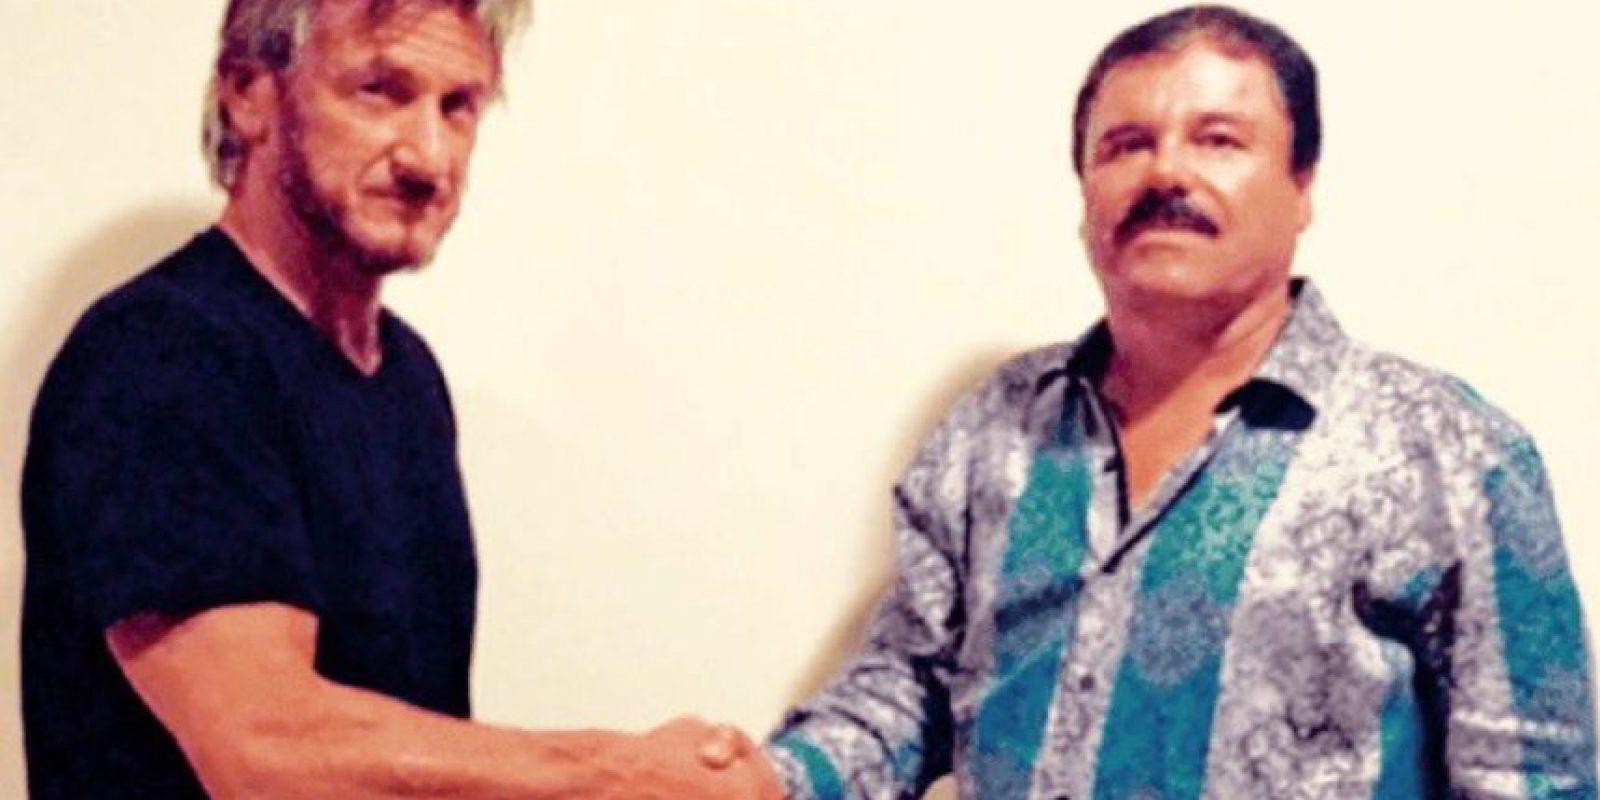 Esta camisa azul ha sido la causante de muchas burlas y críticas. Foto:vía Rolling Stone